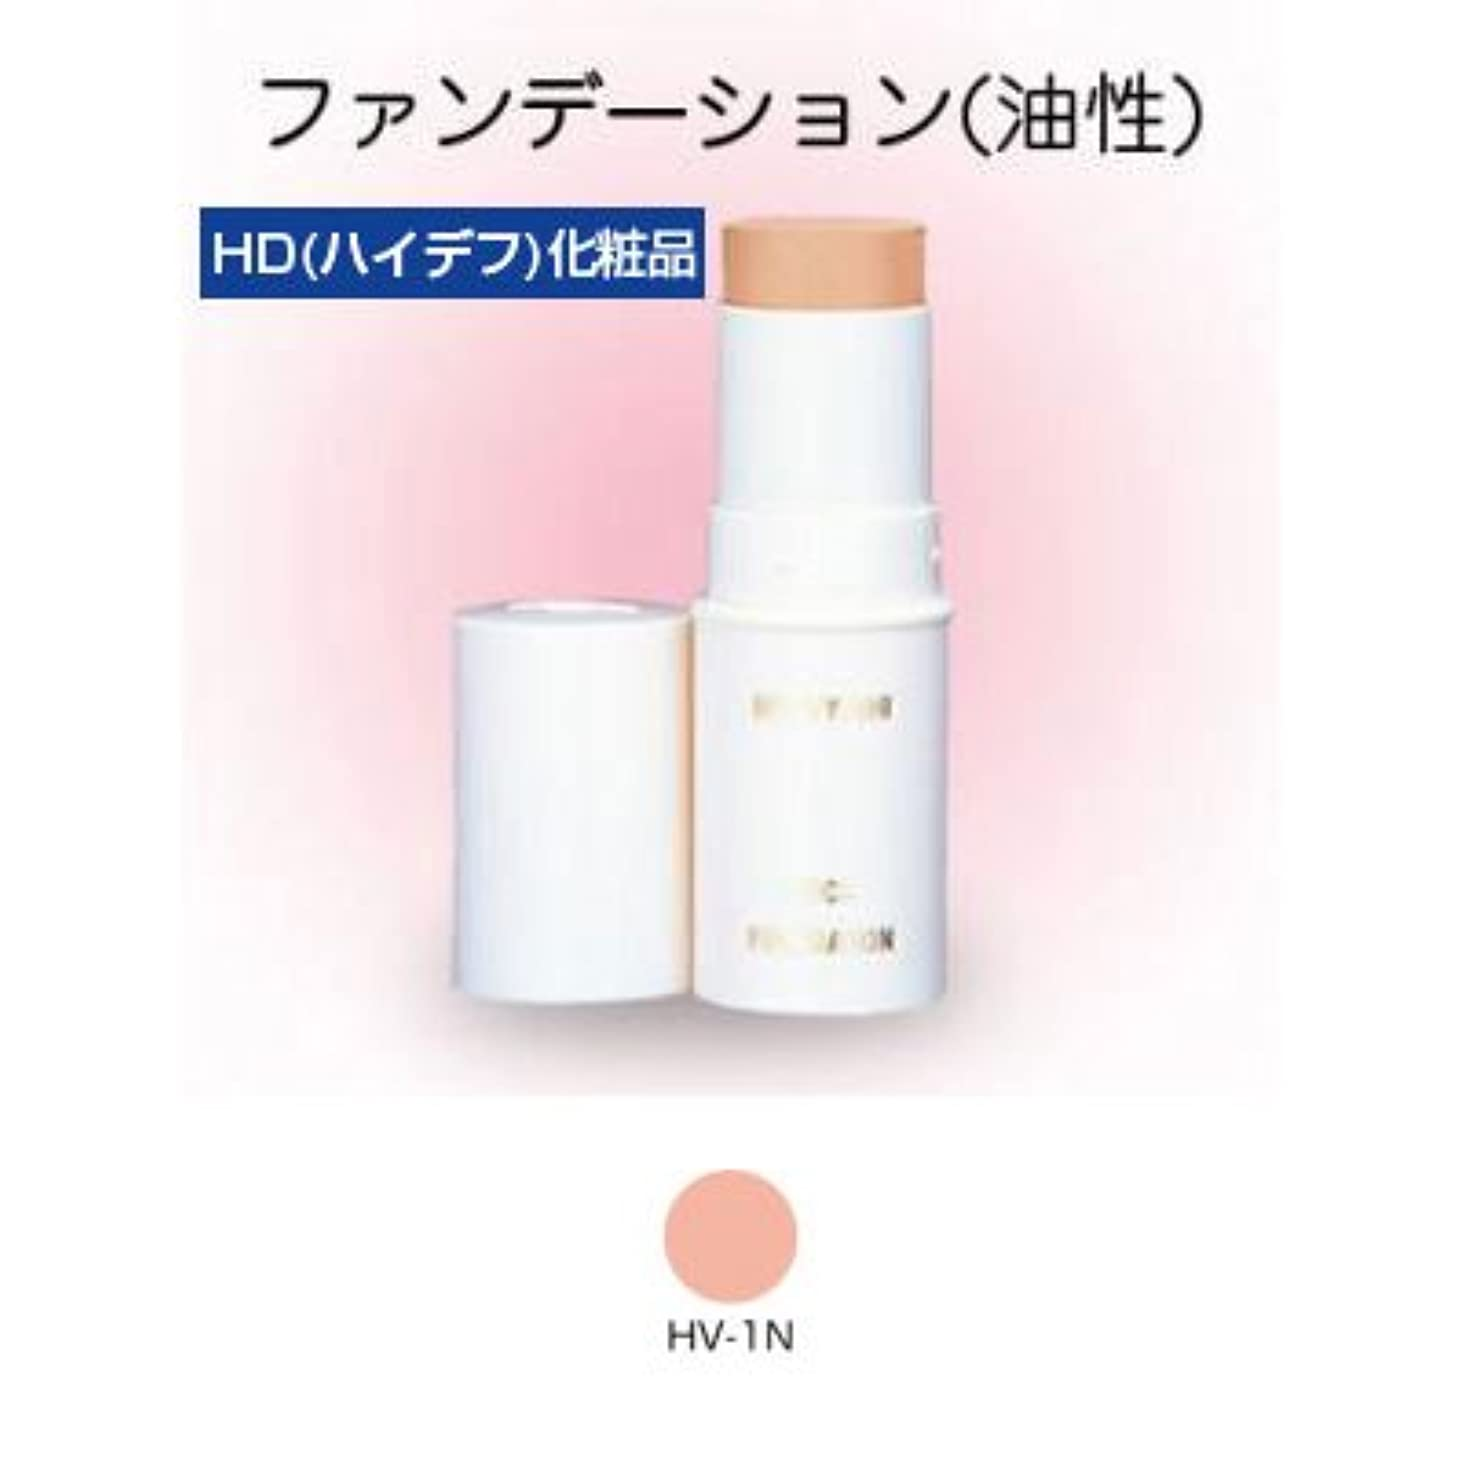 ビジネス中絶くスティックファンデーション HD化粧品 17g 1NY 【三善】